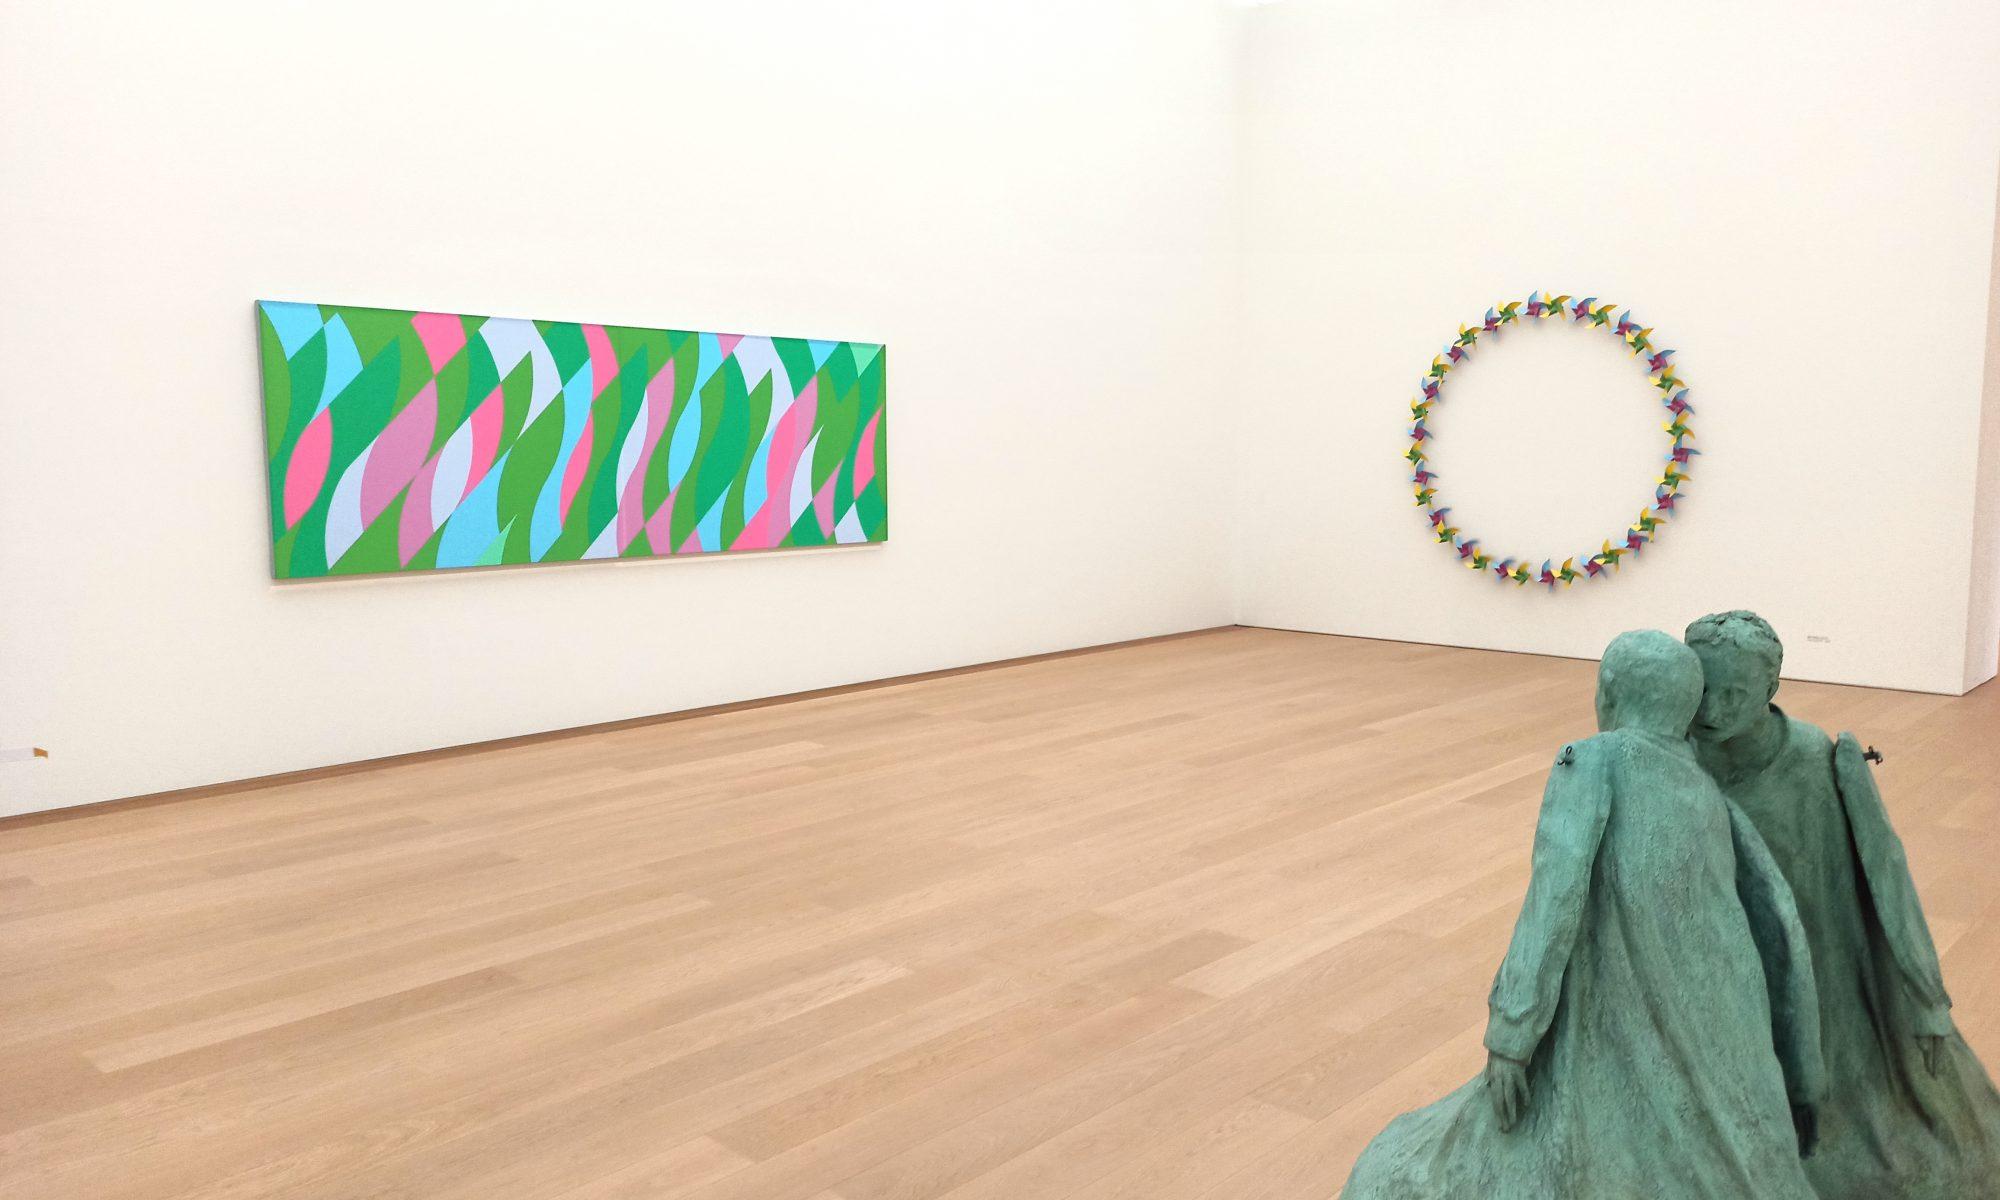 Exhibition Listen to Your Eyes at Museum Voorlinden, Netherlands, Juan Munoz, Bridget Riley, review by Jurriaan Benschop